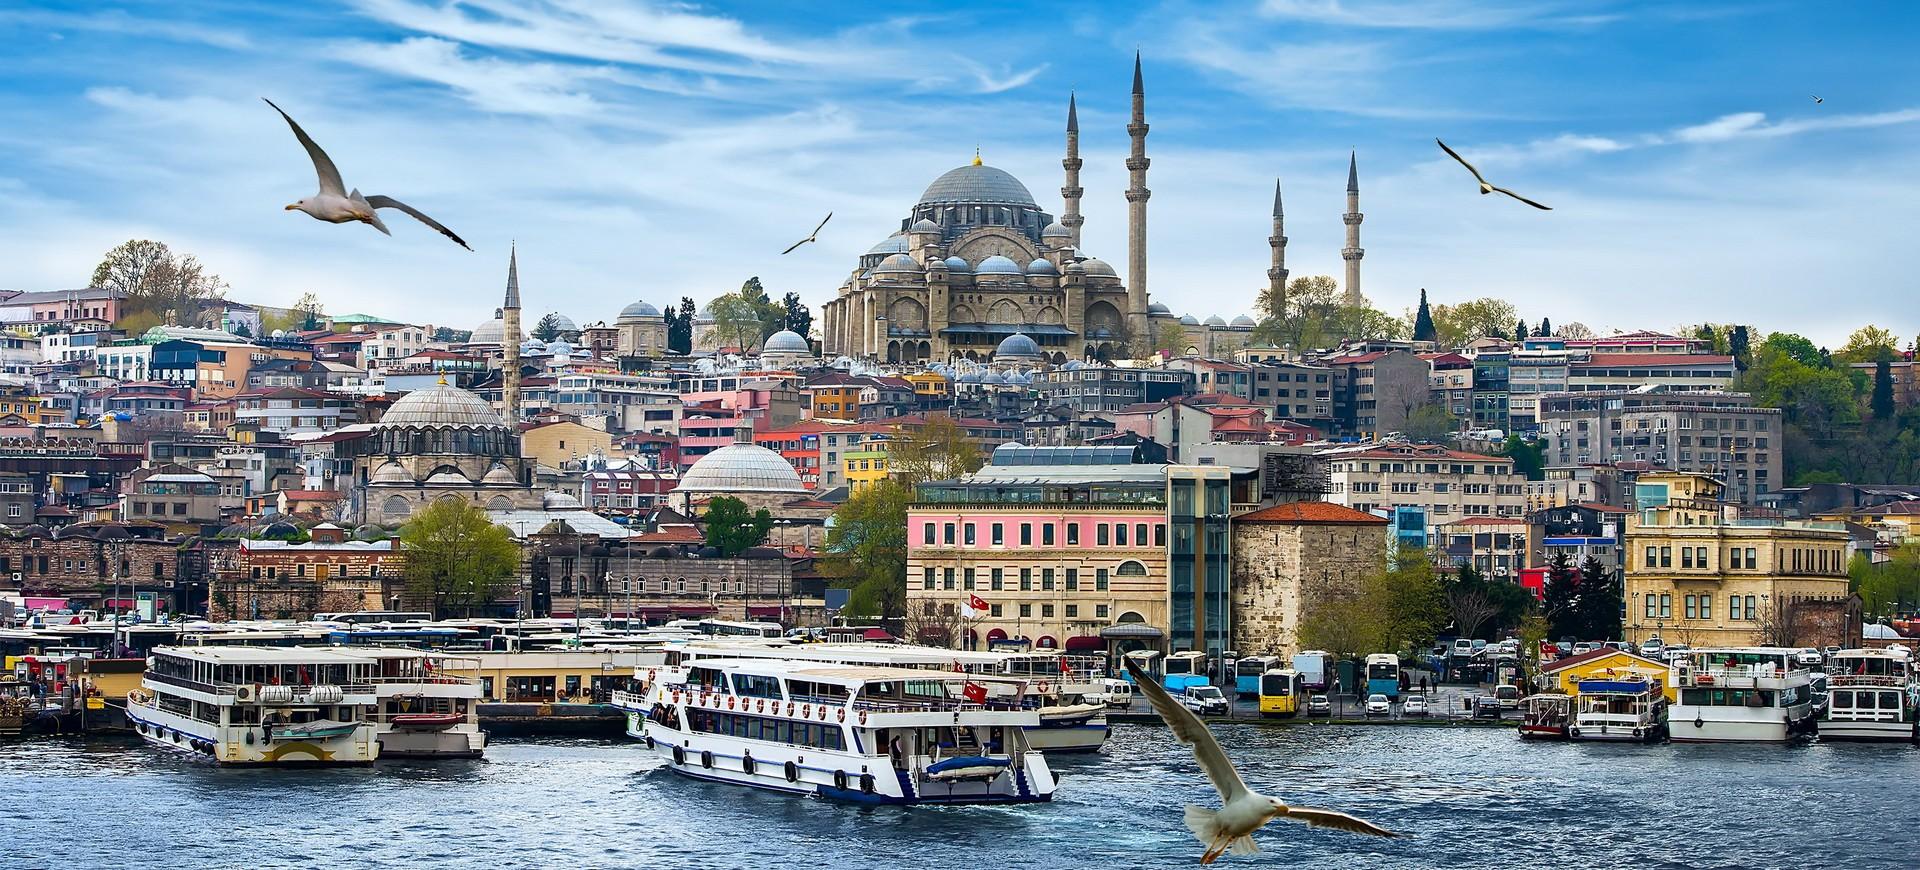 Turquie Istanbul au bord du Bosphore